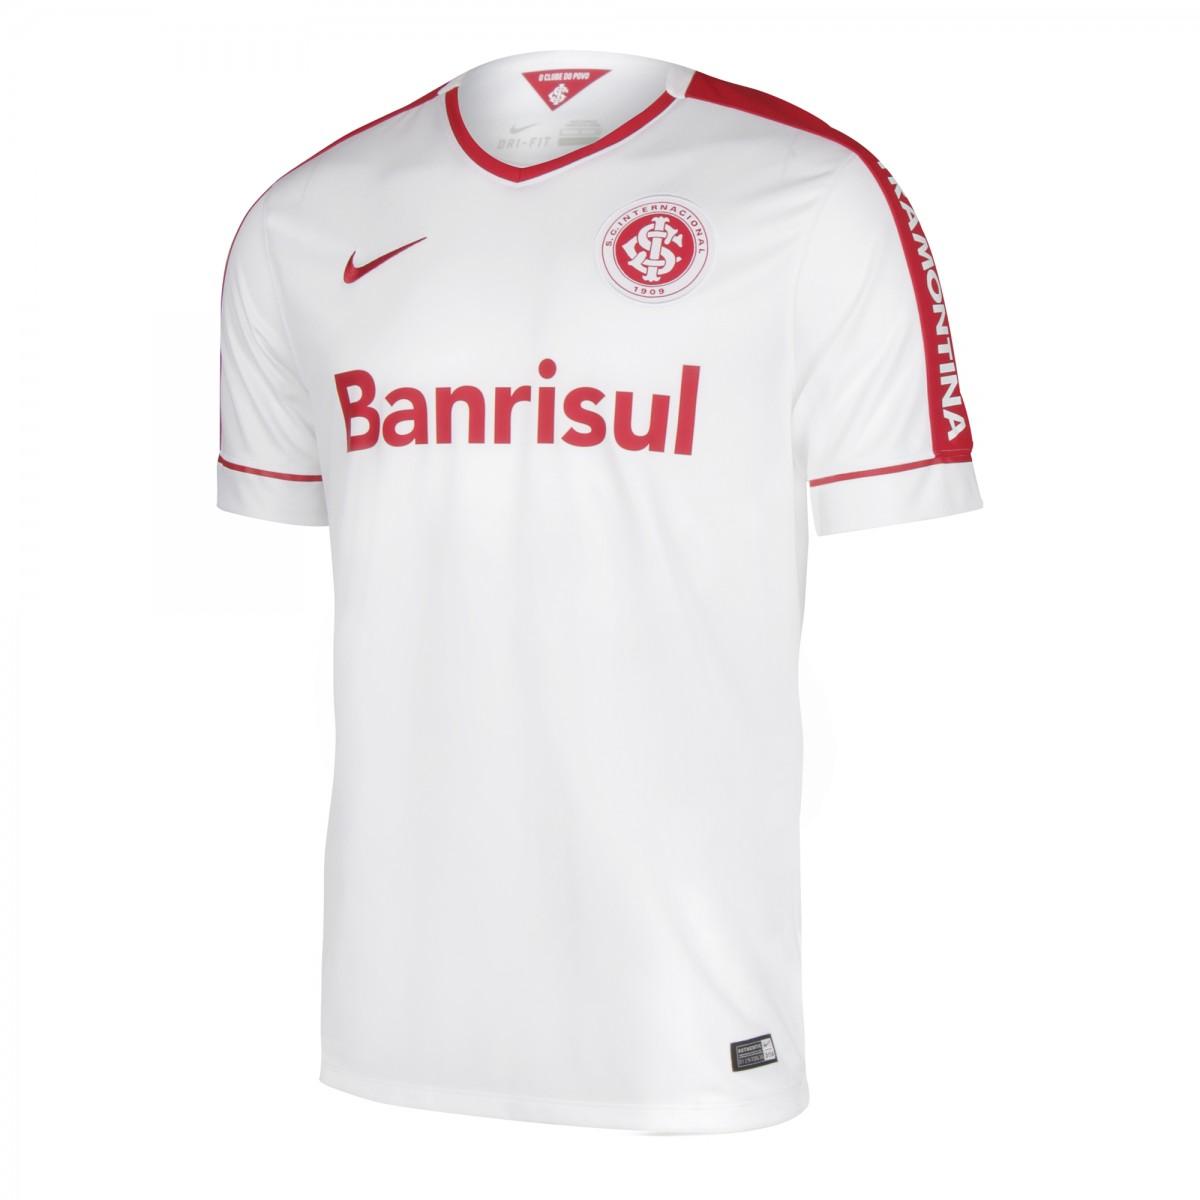 da646d97bf8 Camisa Nike Internacional SCI Away Torcedor